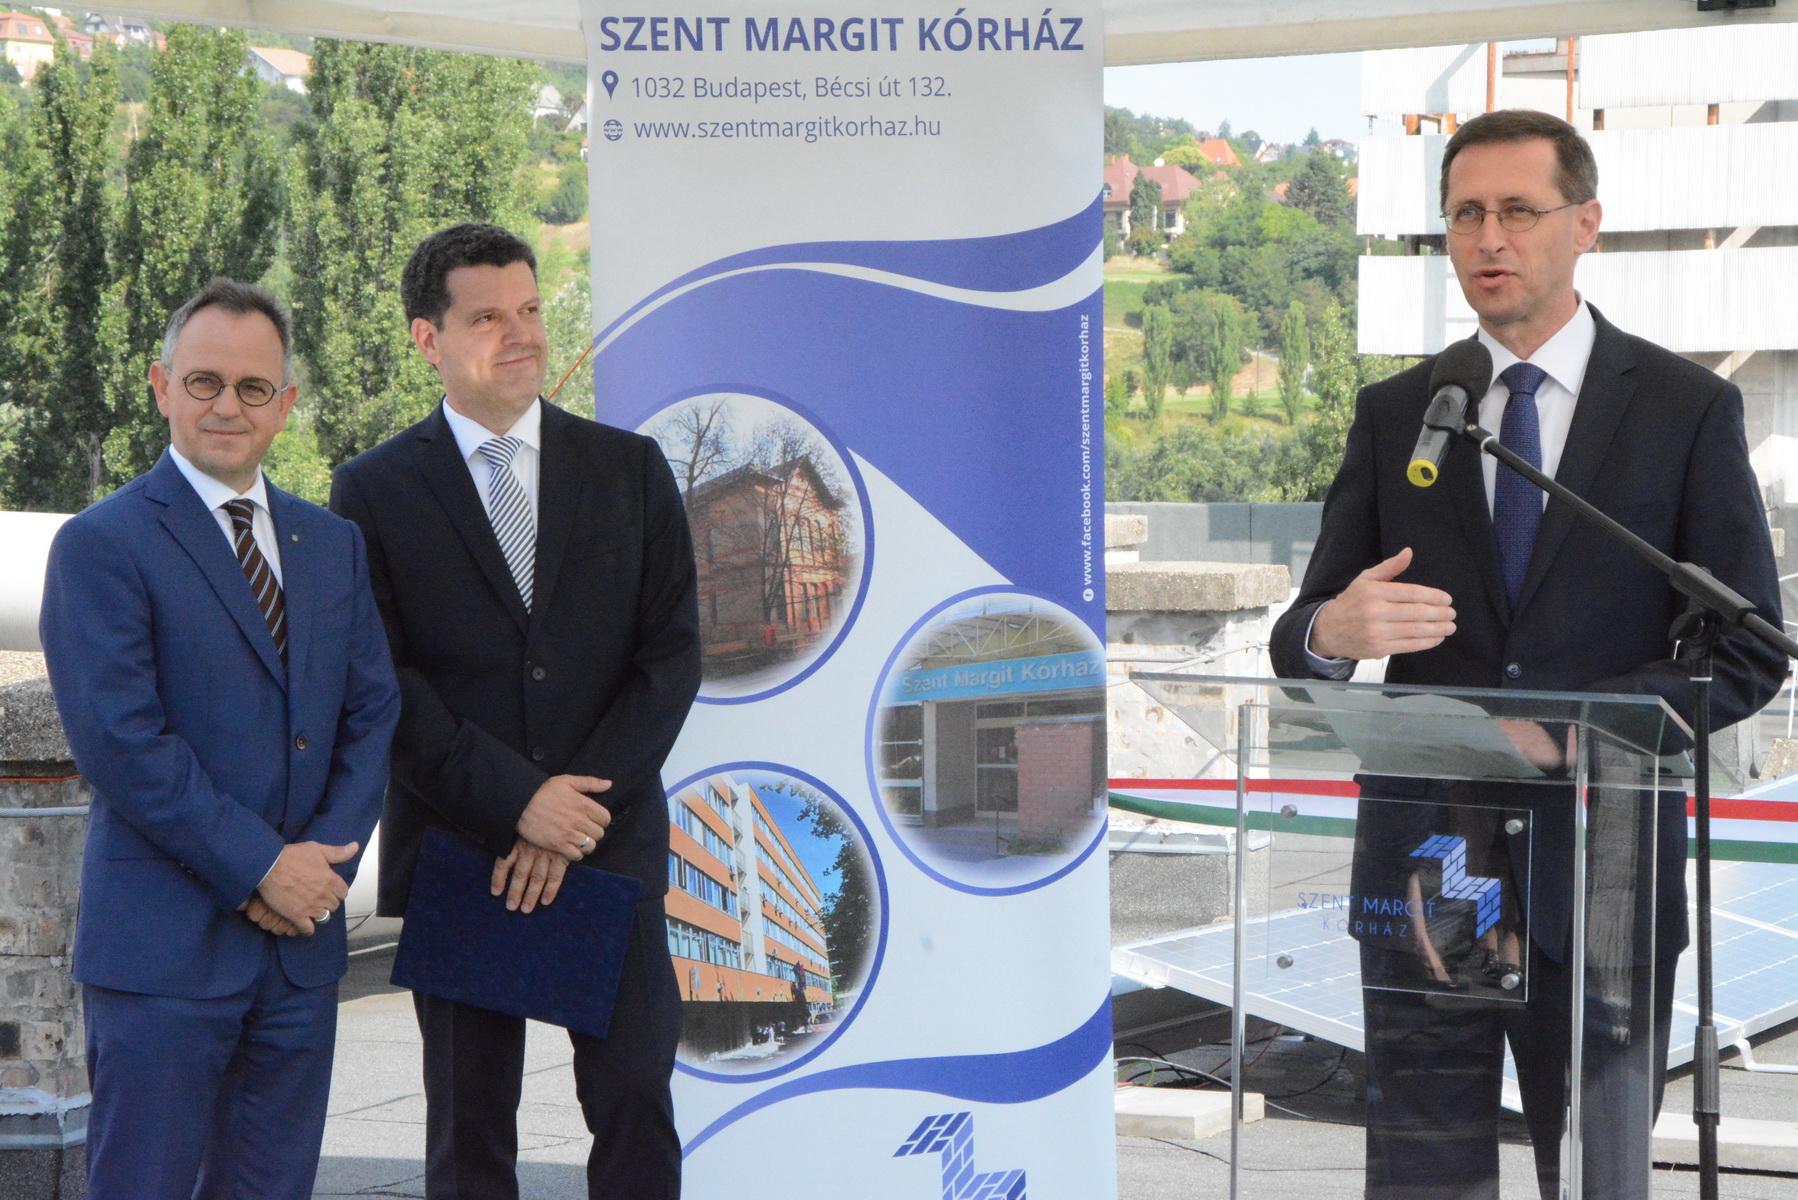 Varga Mihály nemzetgazdasági miniszter, Budapest II. és III. kerületének országgyűlési képviselője